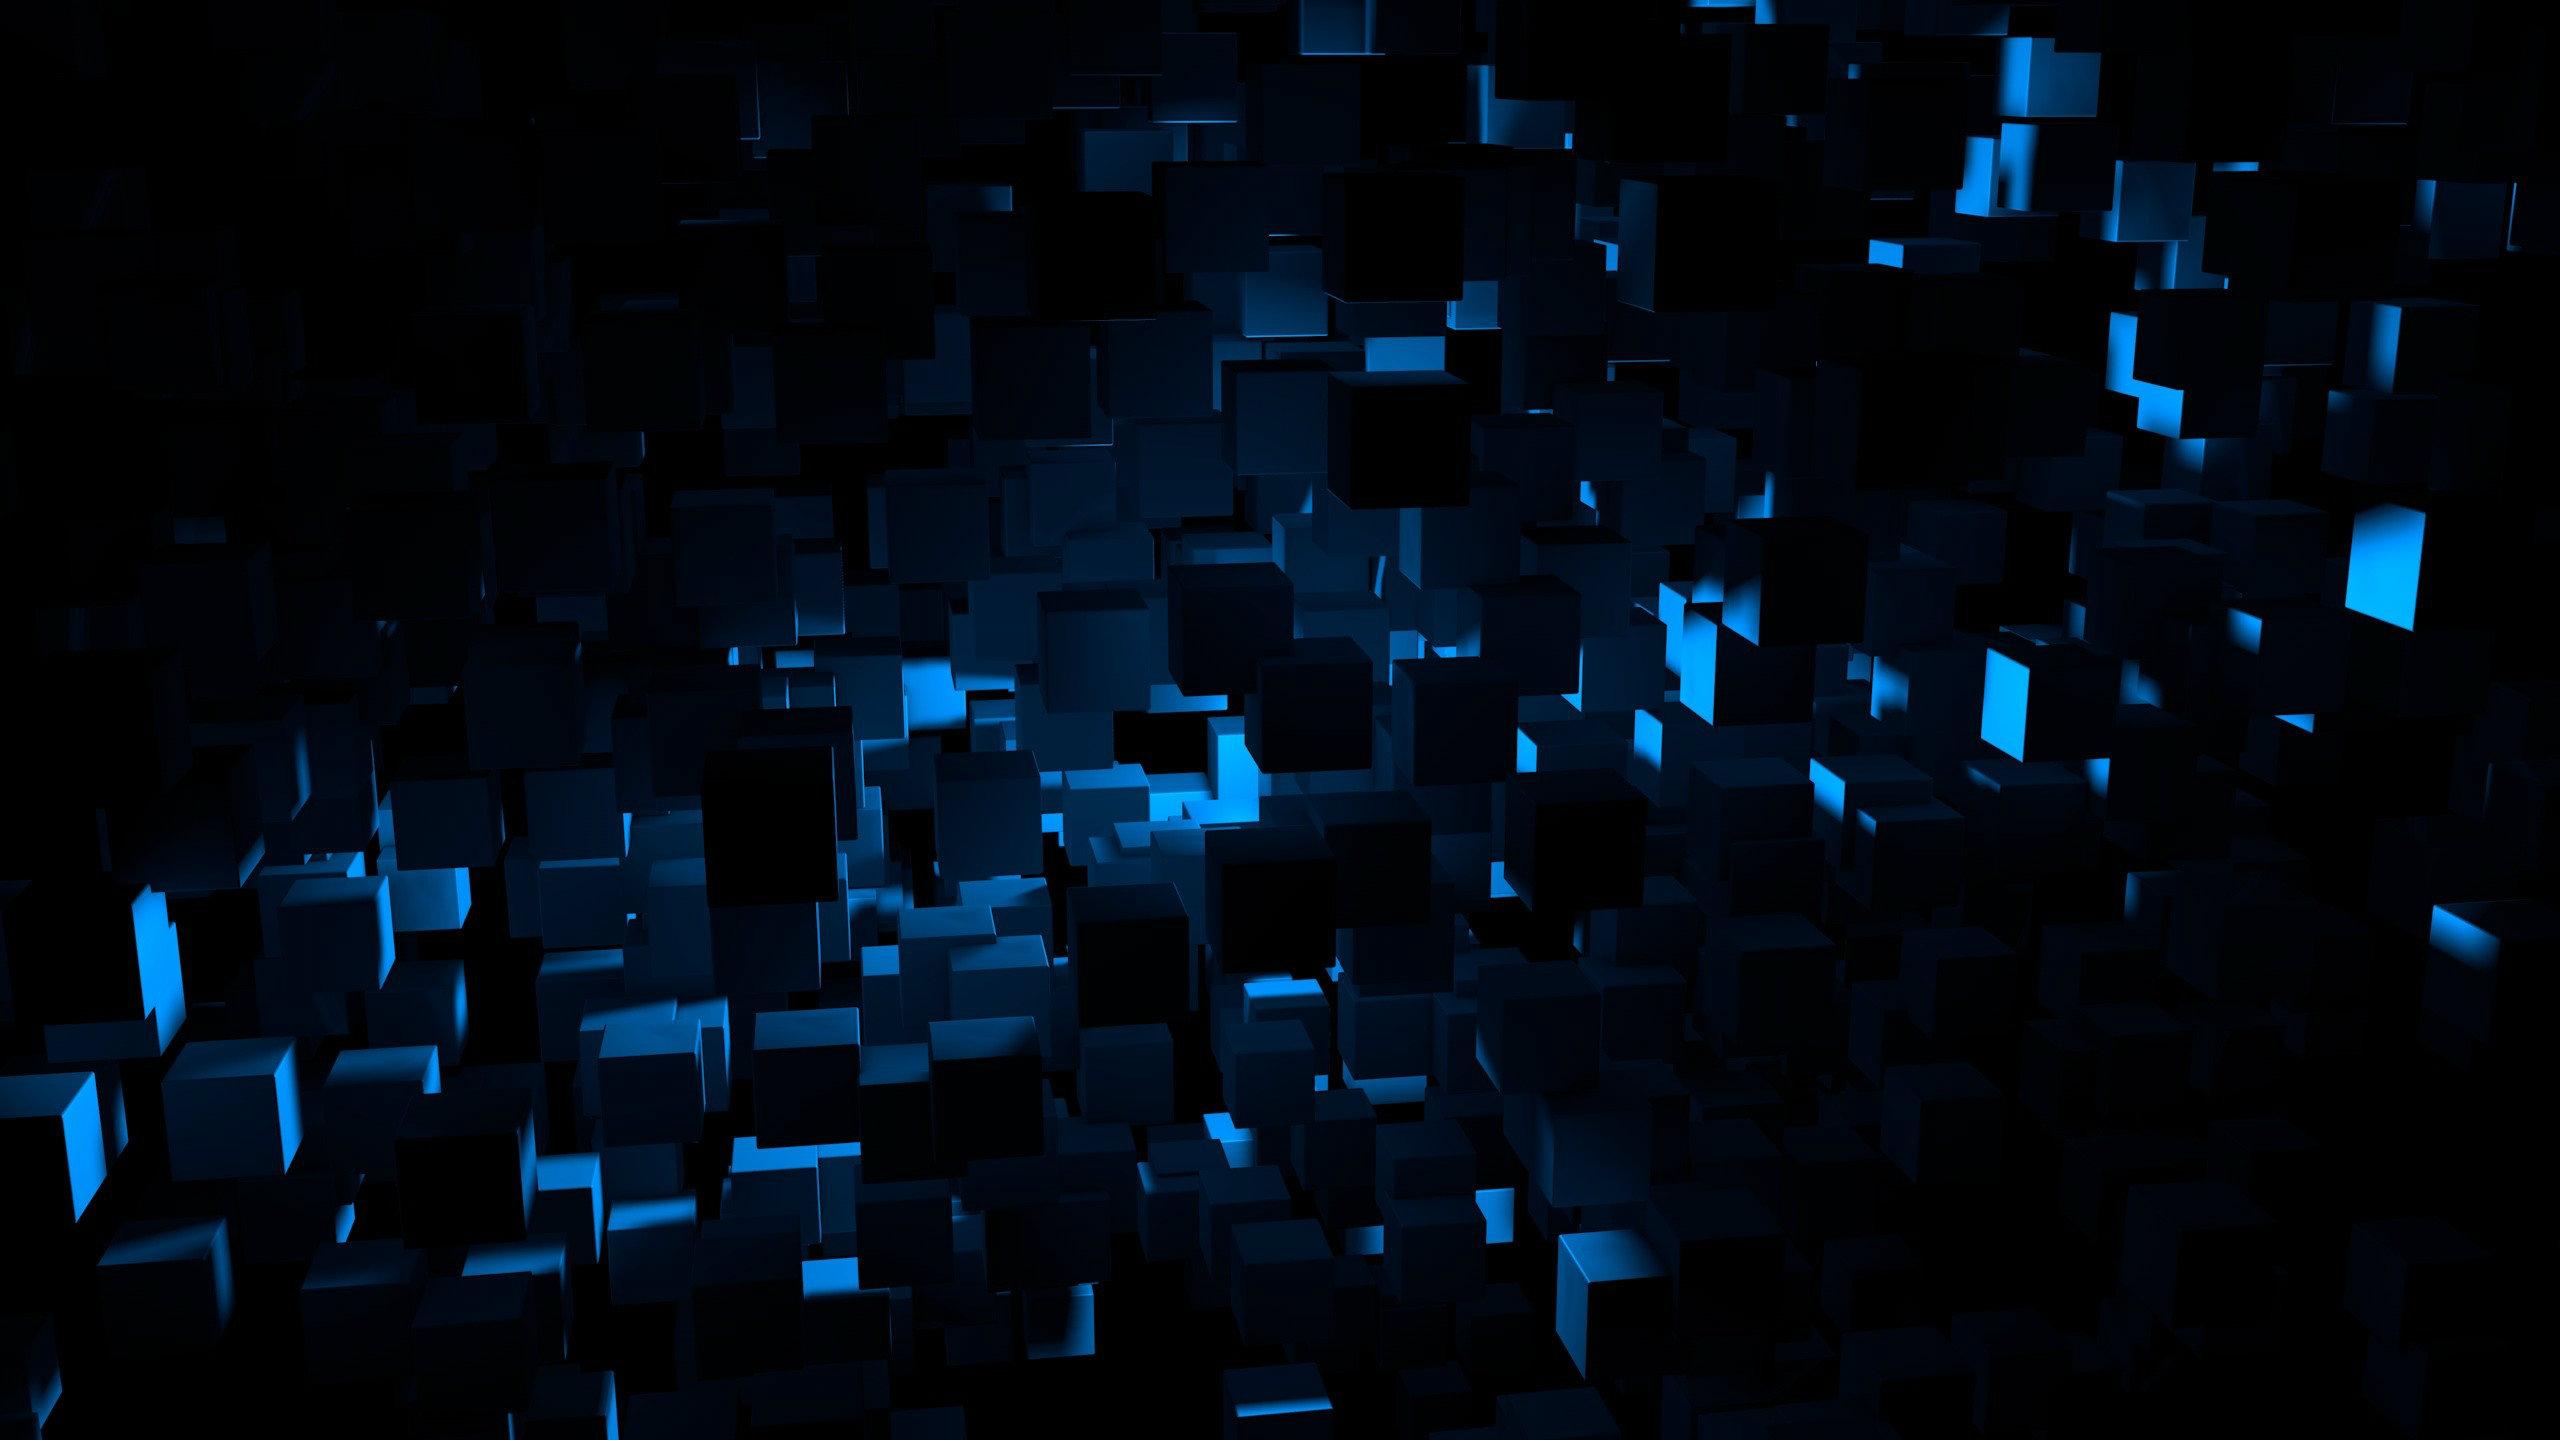 Fond D écran Noir Nuit Abstrait Bleu Cube Lumière Forme